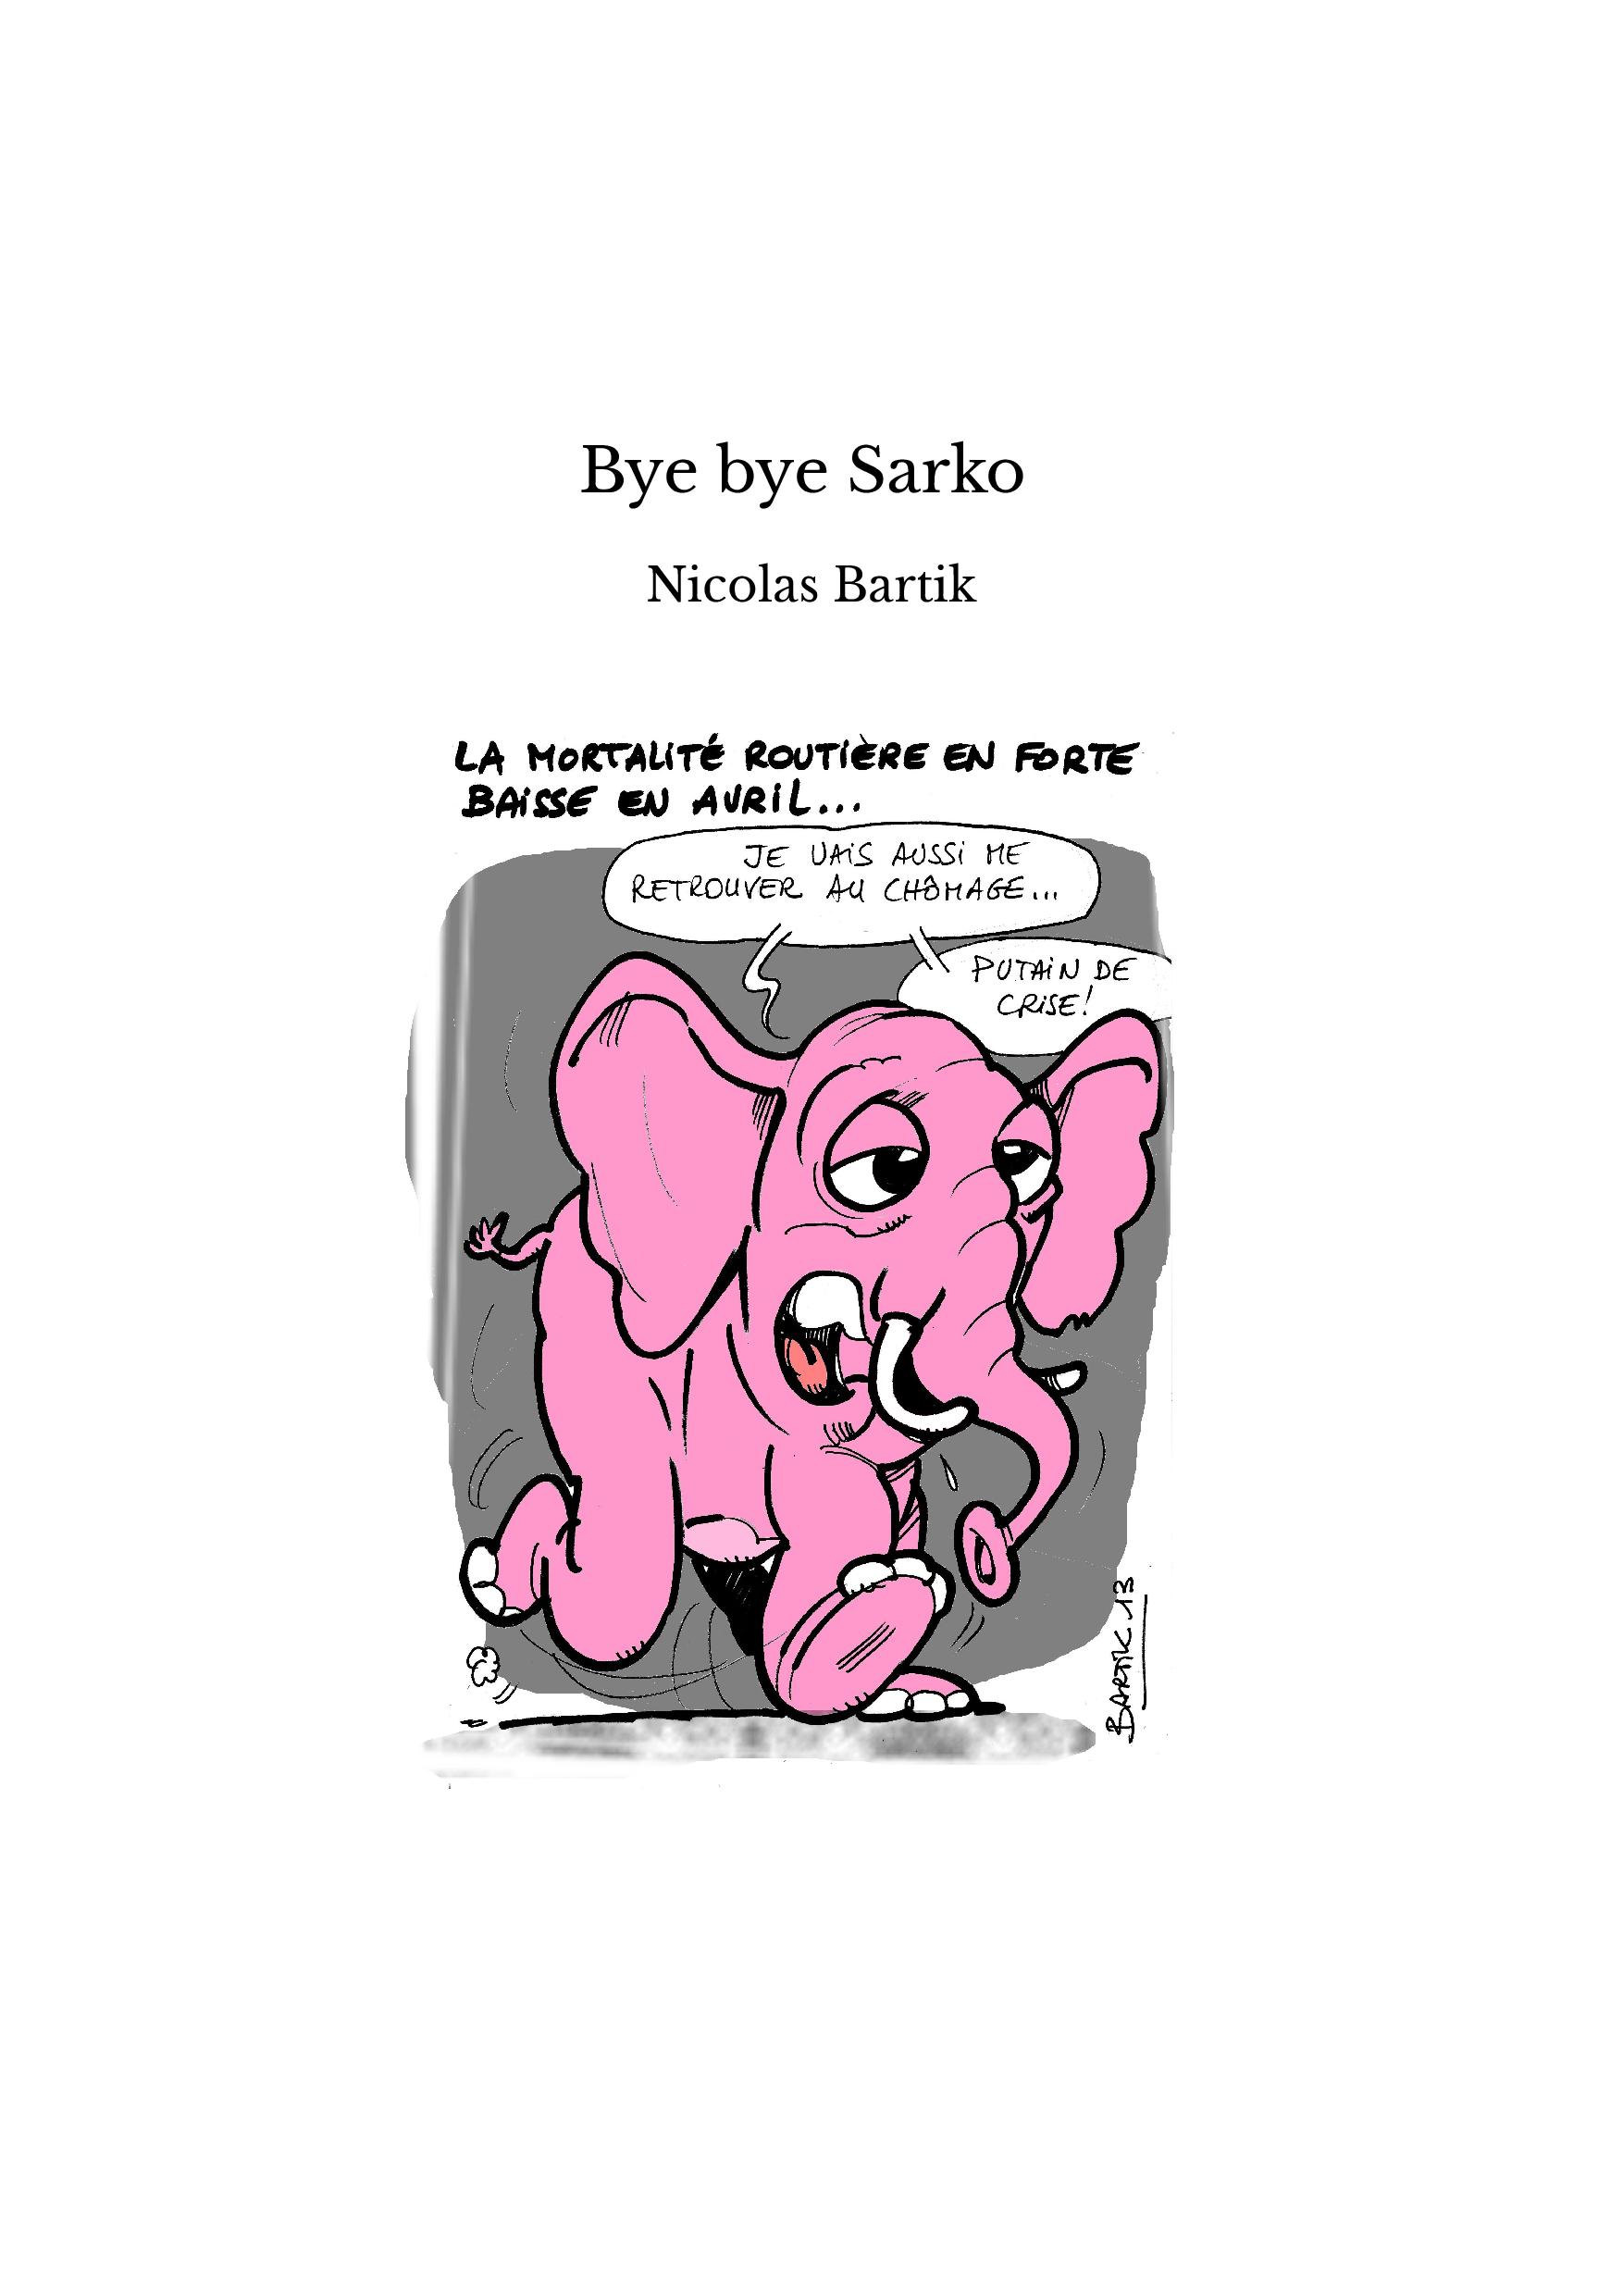 Bye bye Sarko